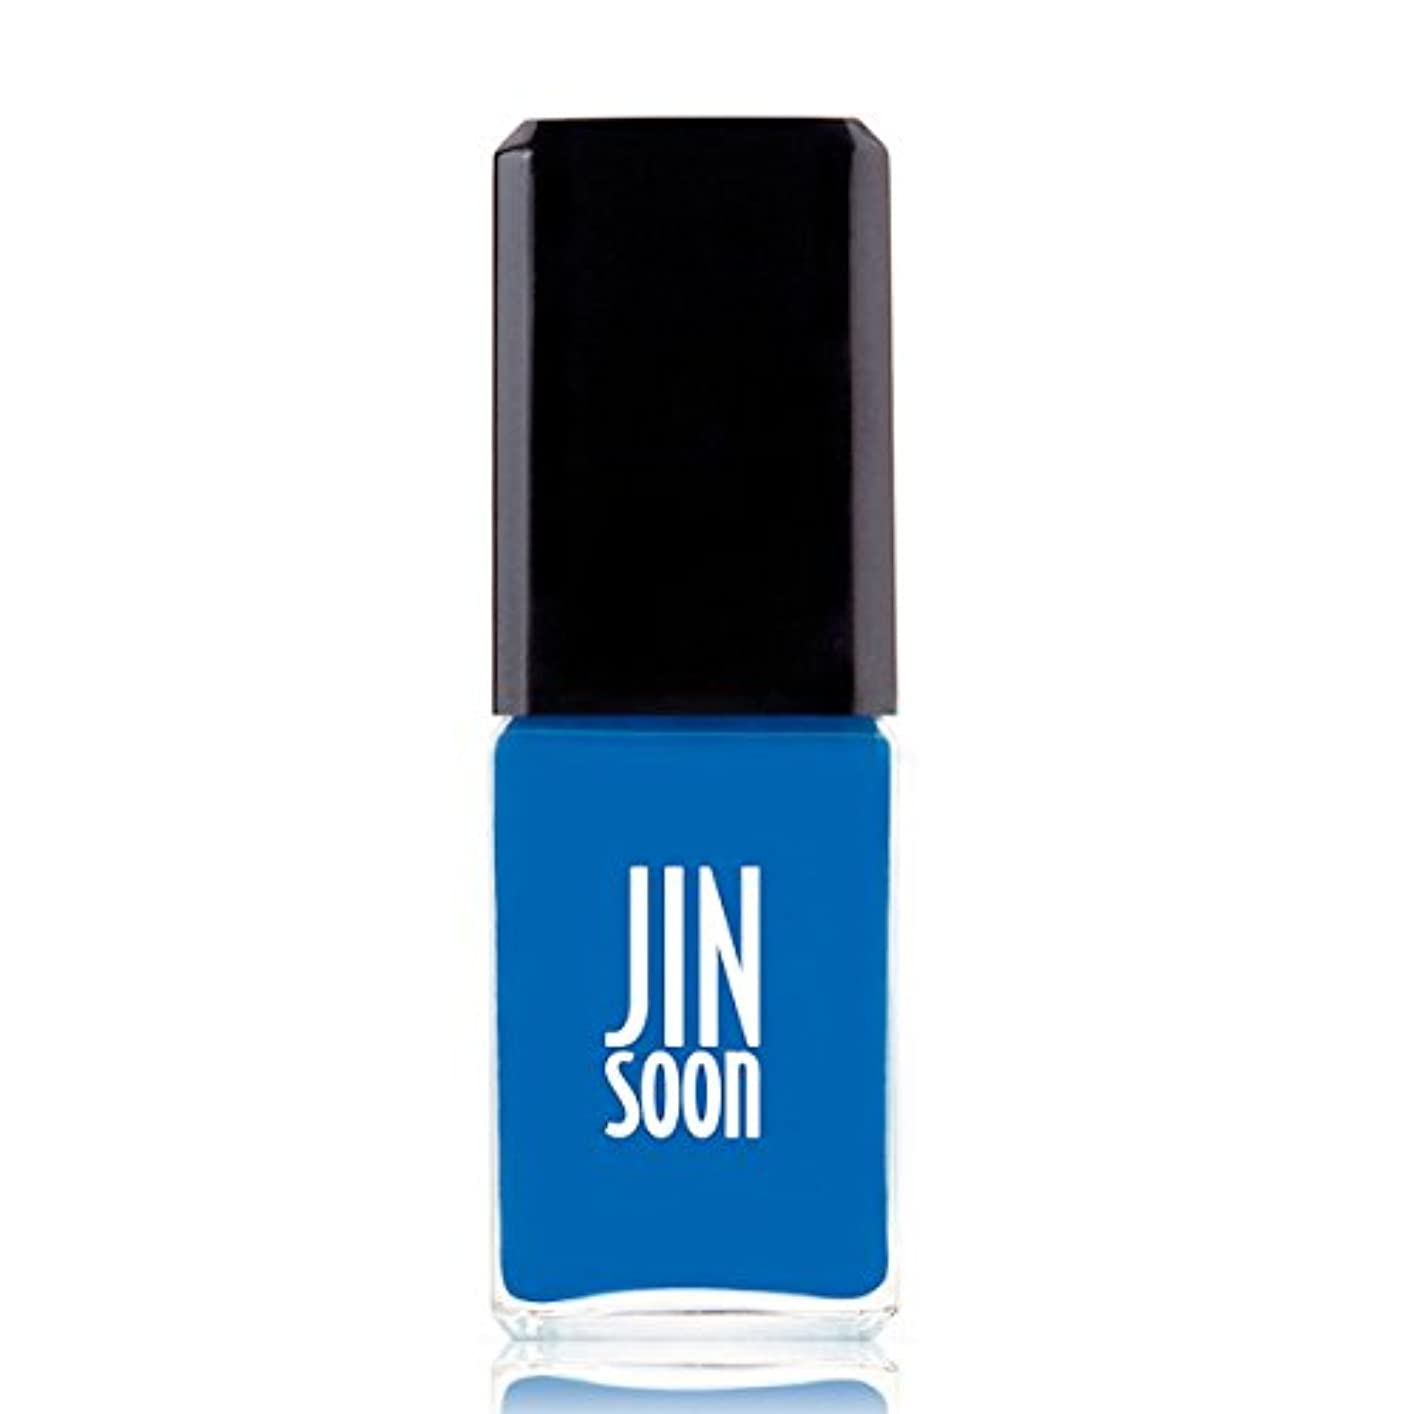 ターゲット骨髄騒乱[ジンスーン] [ jinsoon] クールブルー (セルリアンブルー)COOL BLUE ジンスーン 5フリー ネイルポリッシュ【ブルー】 11mL